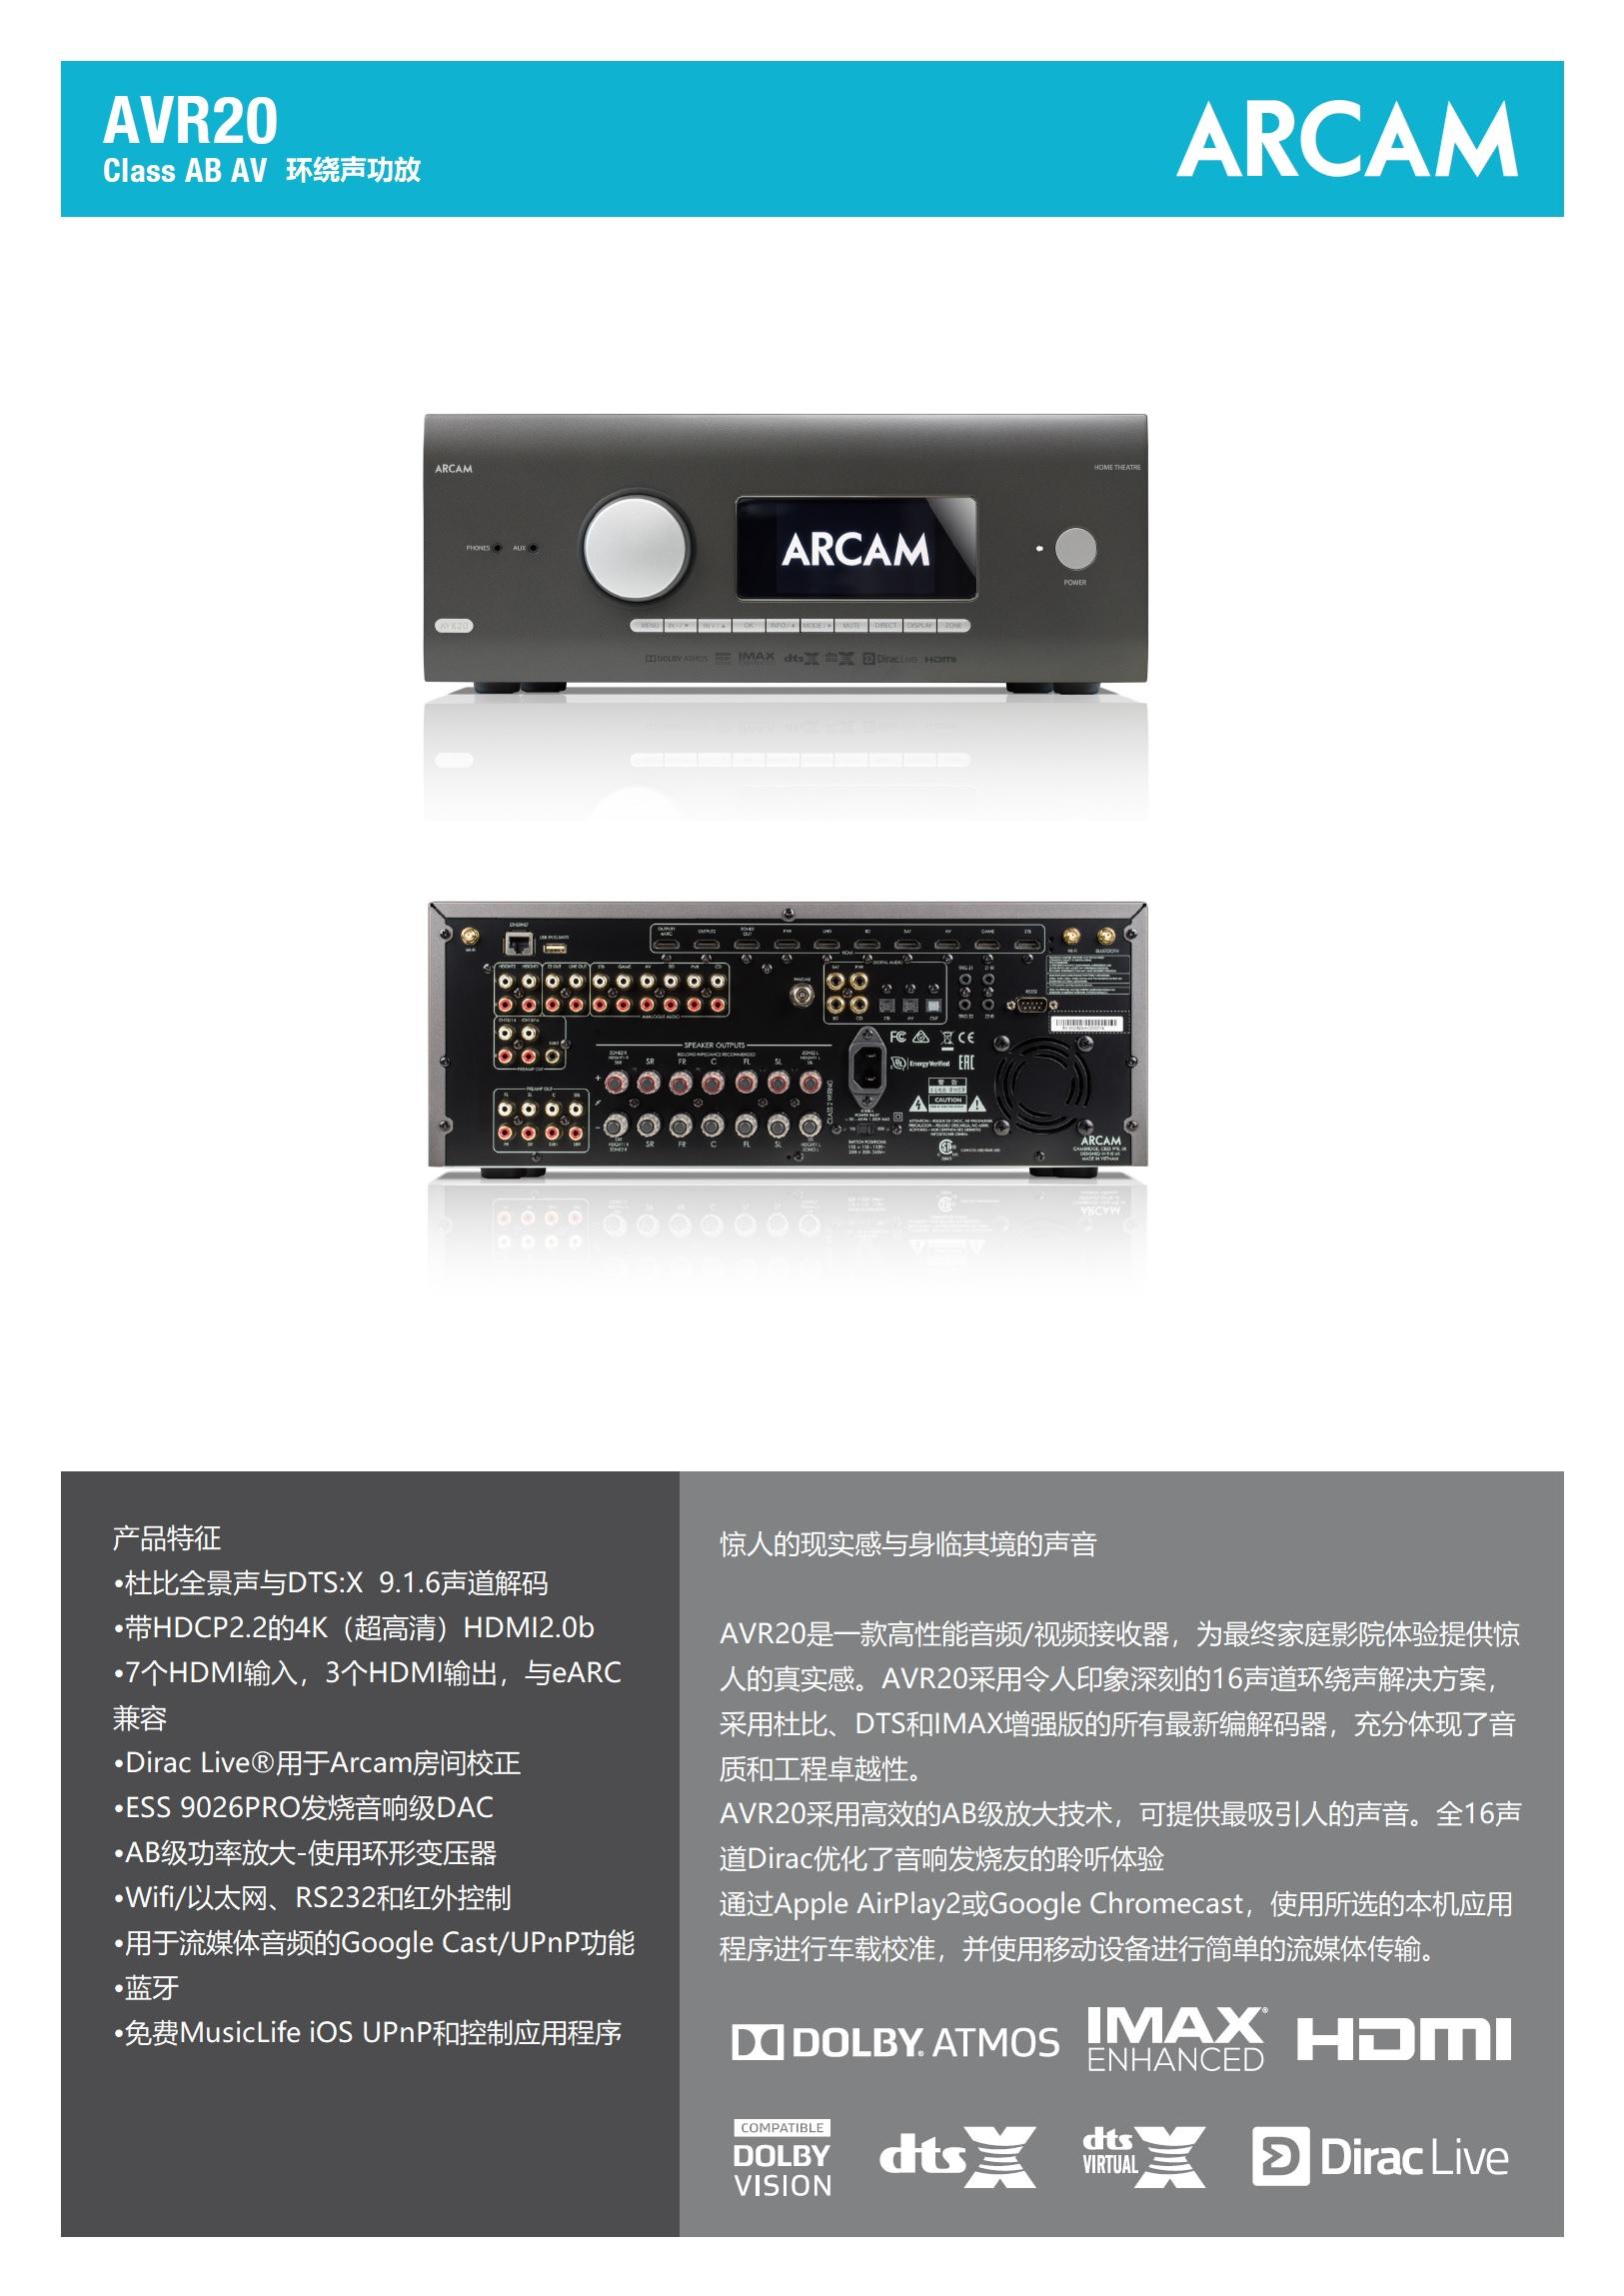 AVR20环绕声功放